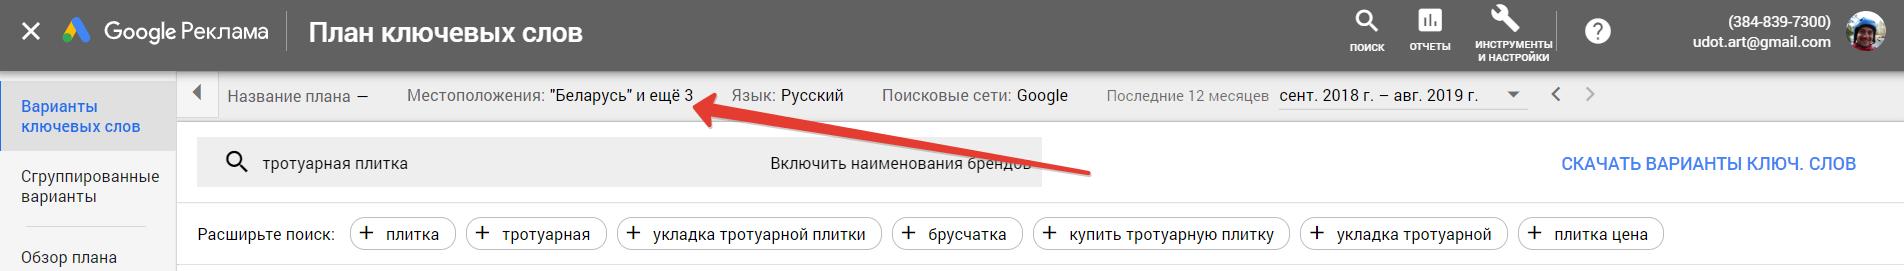 Google Keyword Planner выбор местоположения